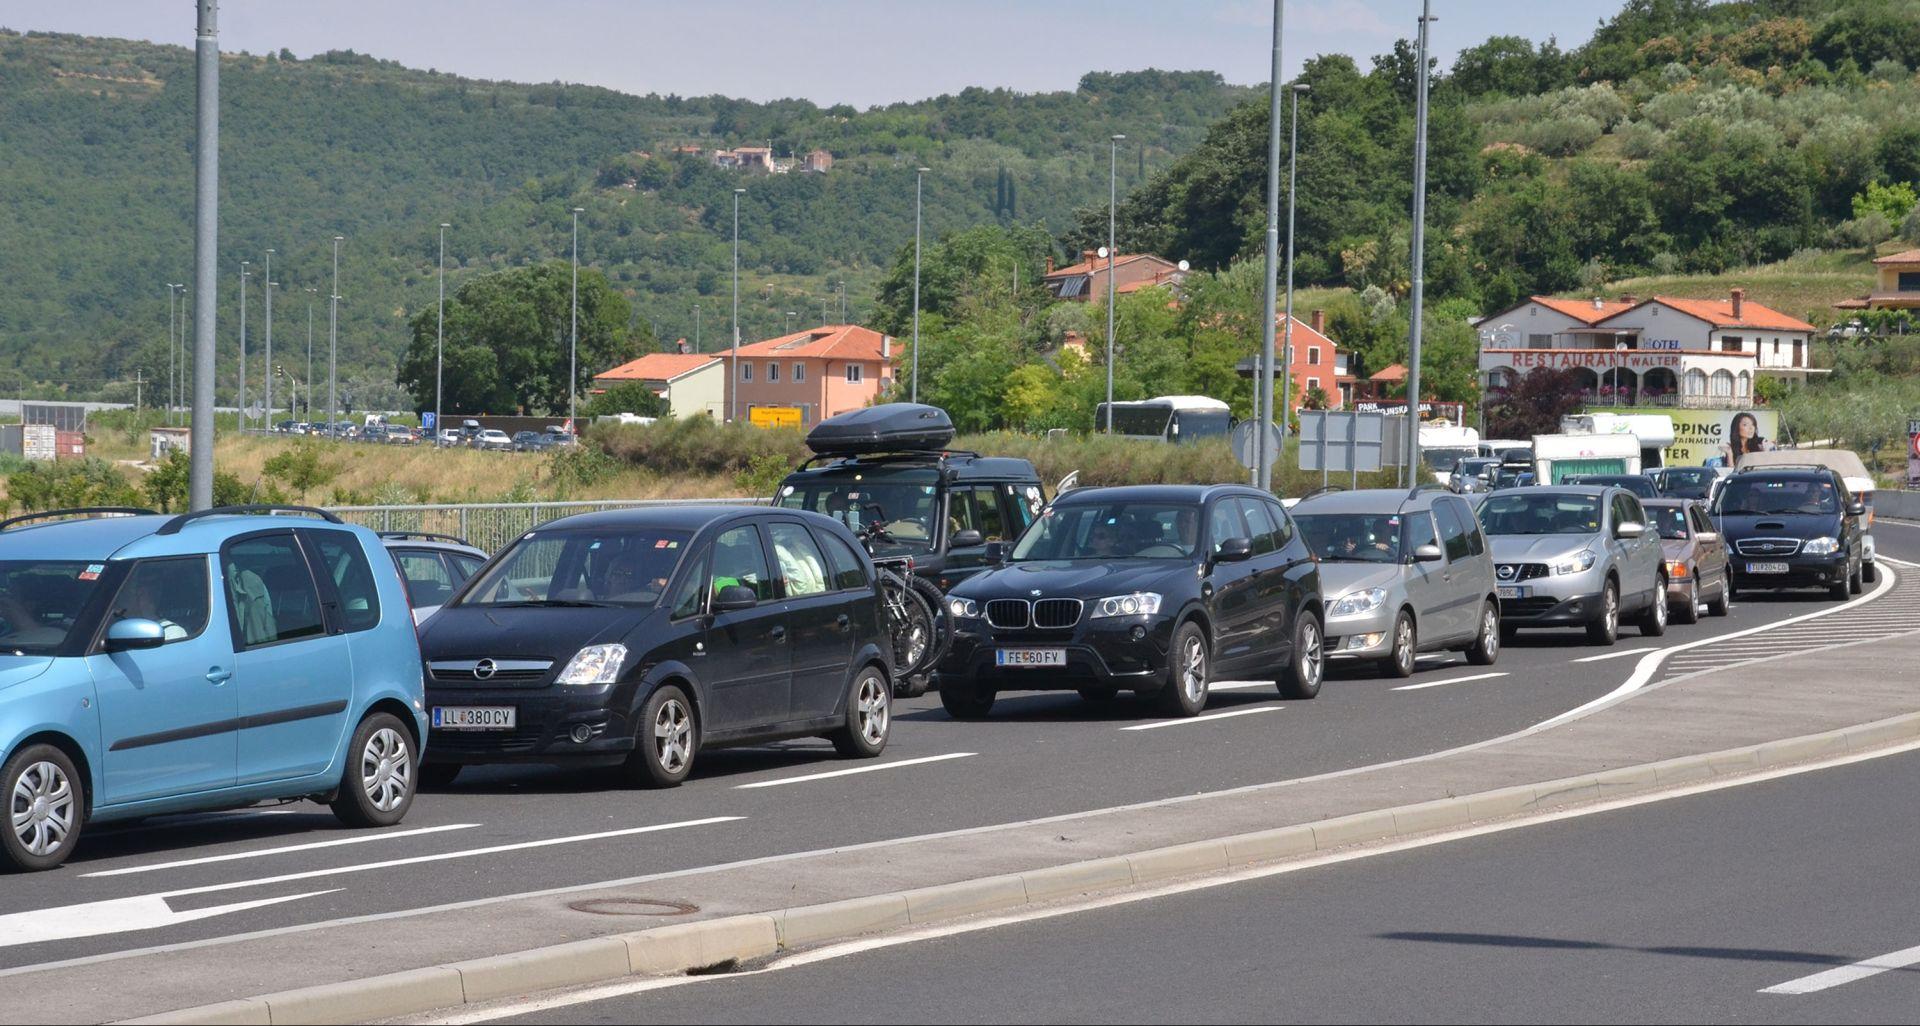 HAK: Vjetar otežava promet, Bregana zatvorena za teretni promet zbog izbjeglica